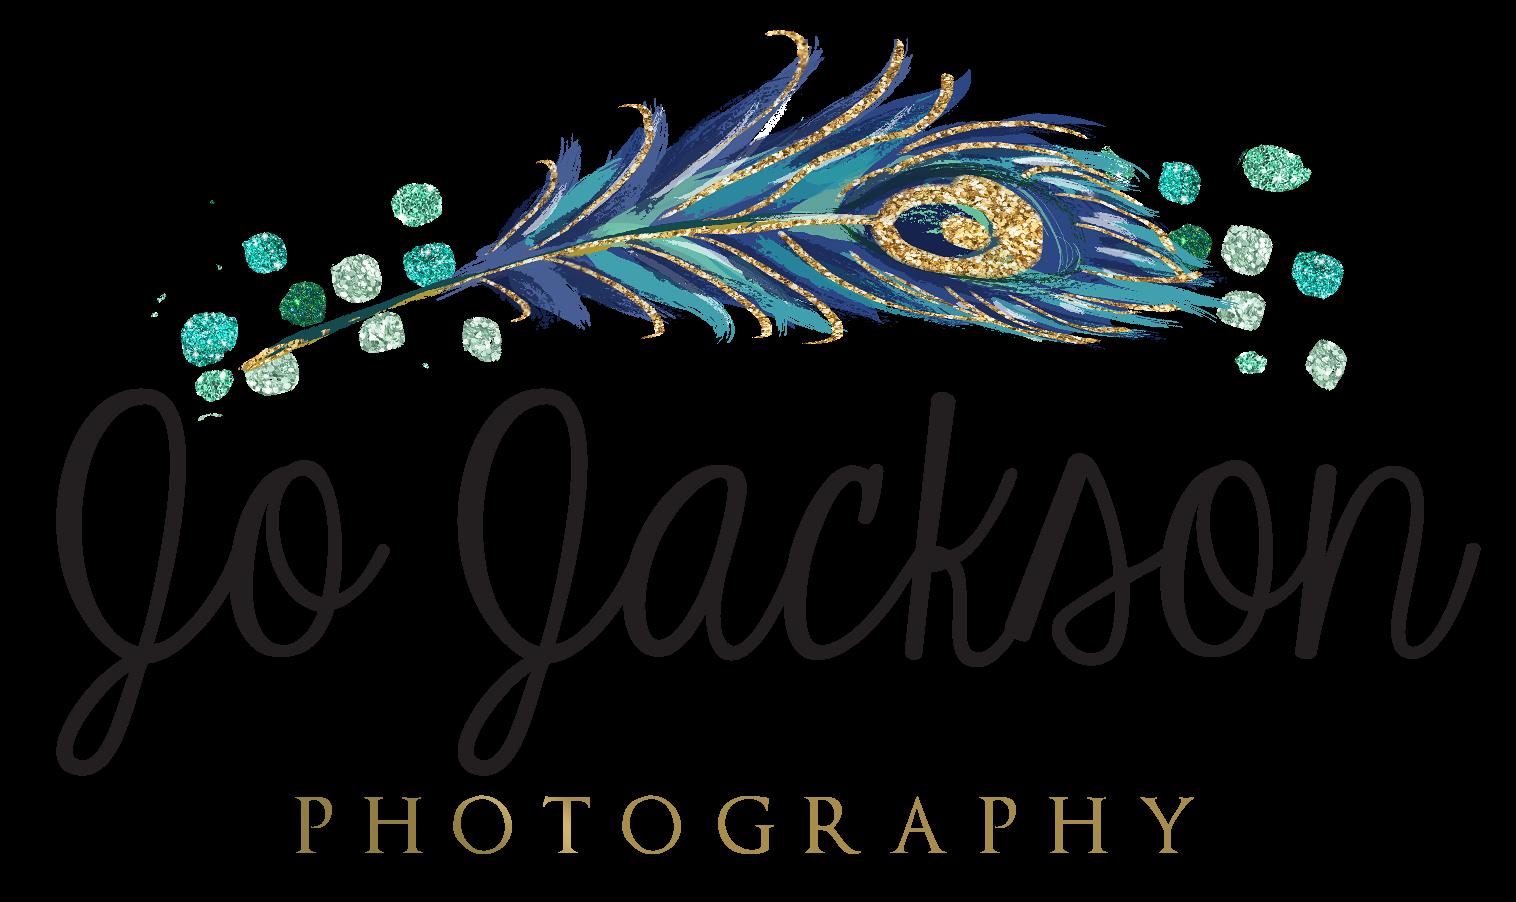 Jo Jackson Photography